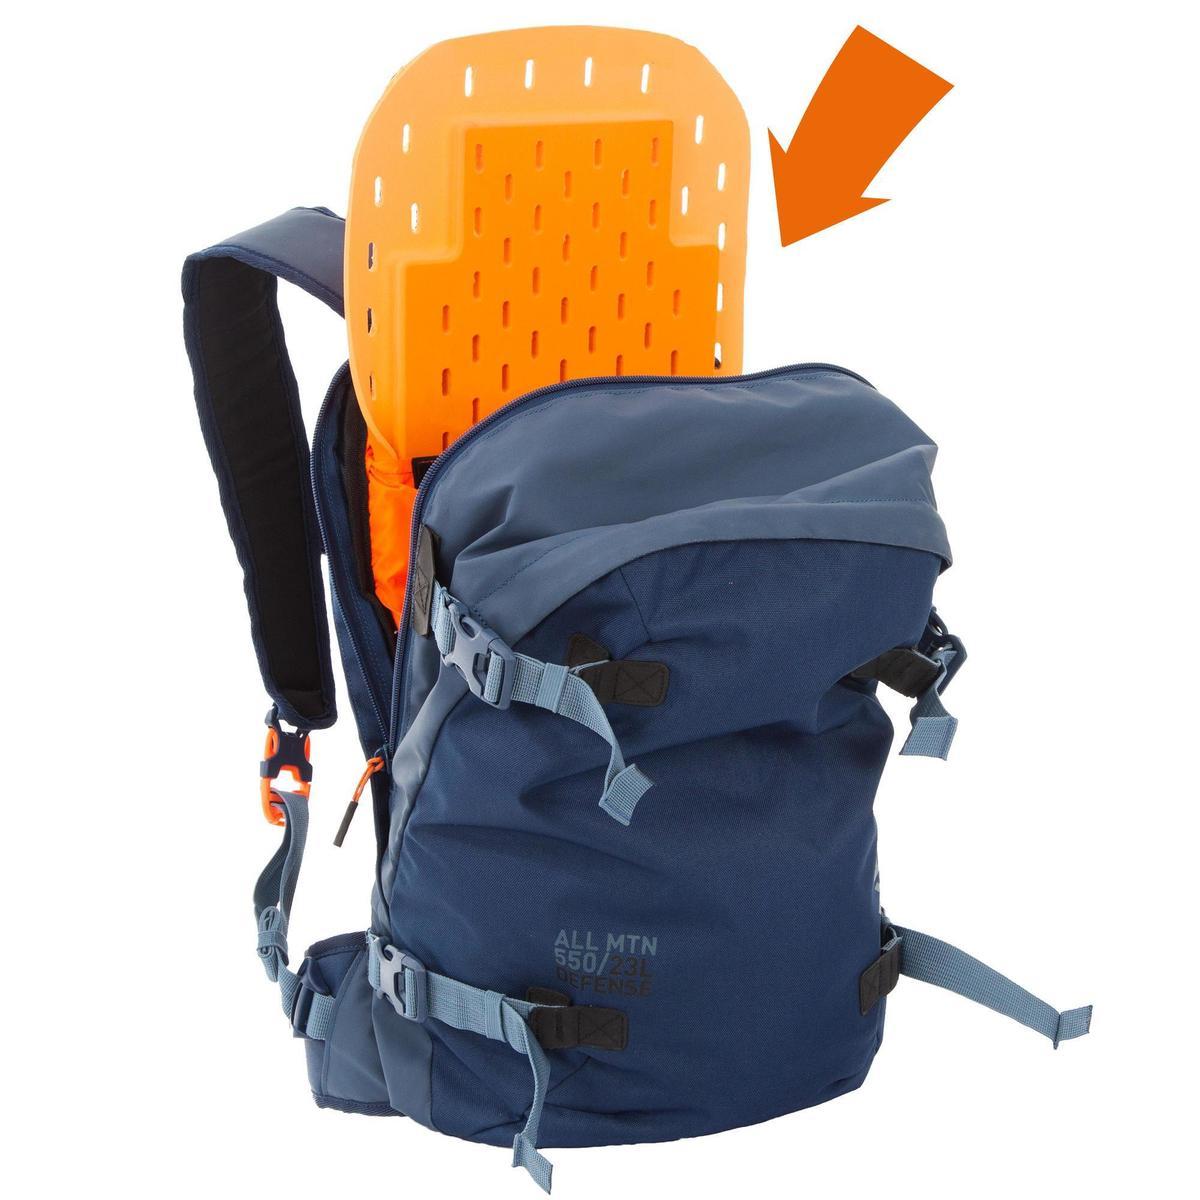 Bild 4 von Skirucksack Free Ride FS 500 blau